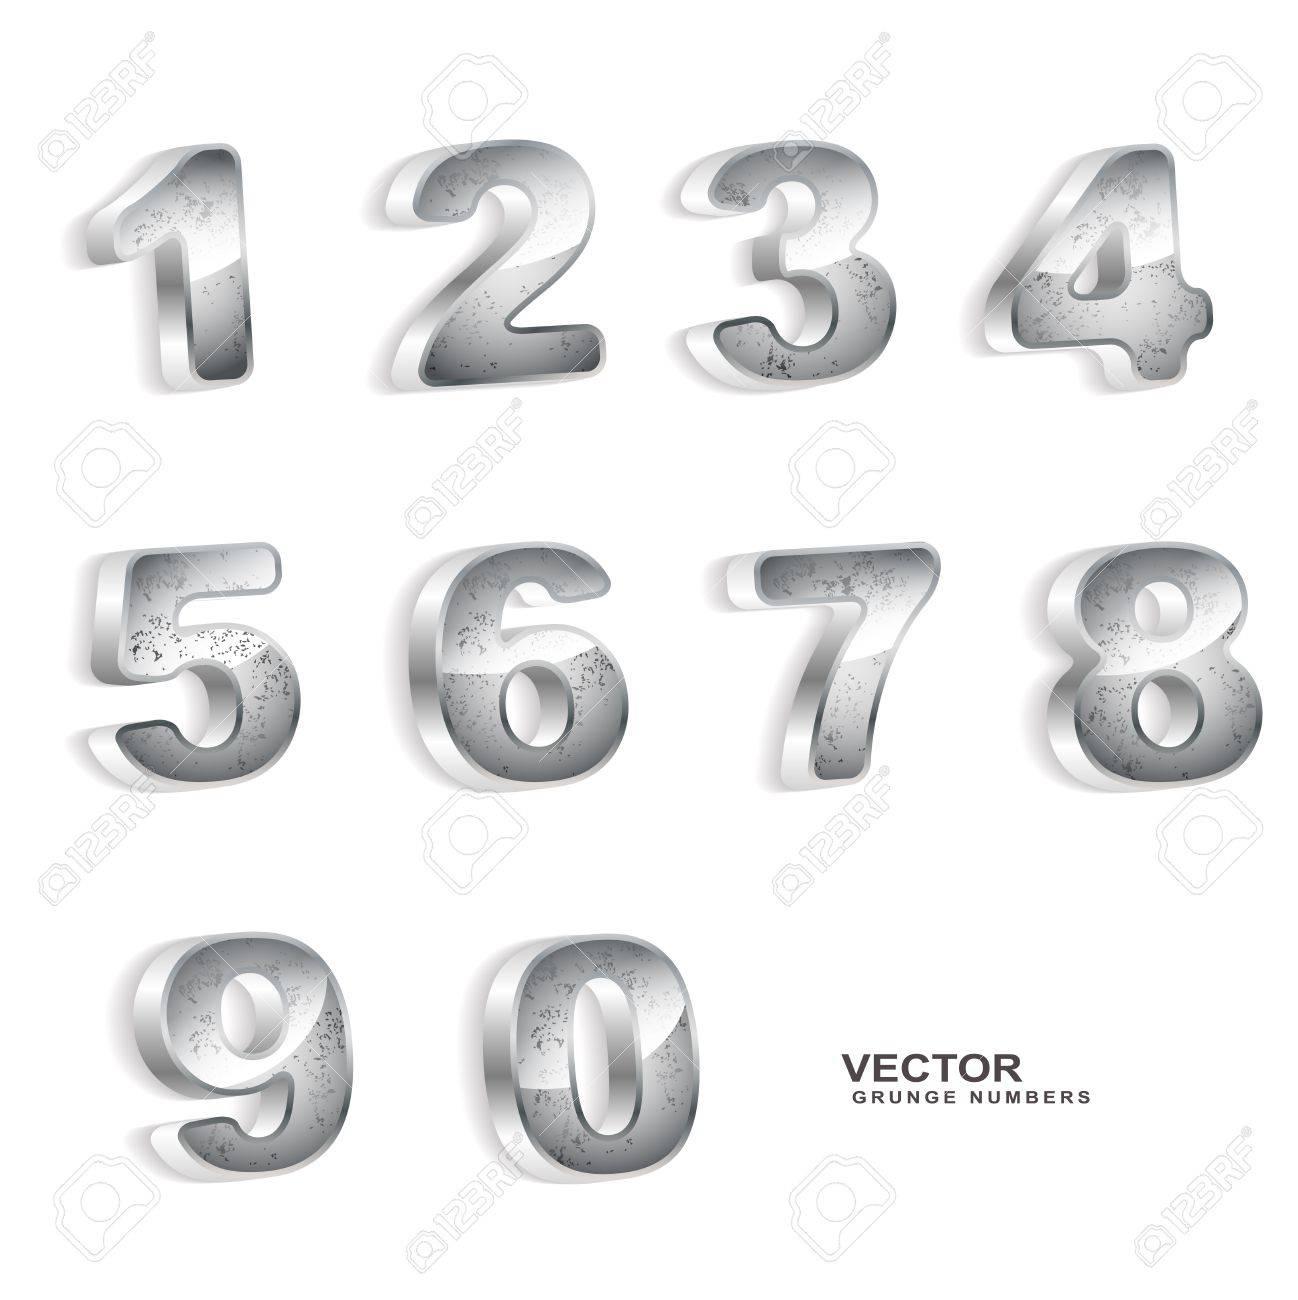 Metallic grunge 3D numbers Stock Vector - 20381406